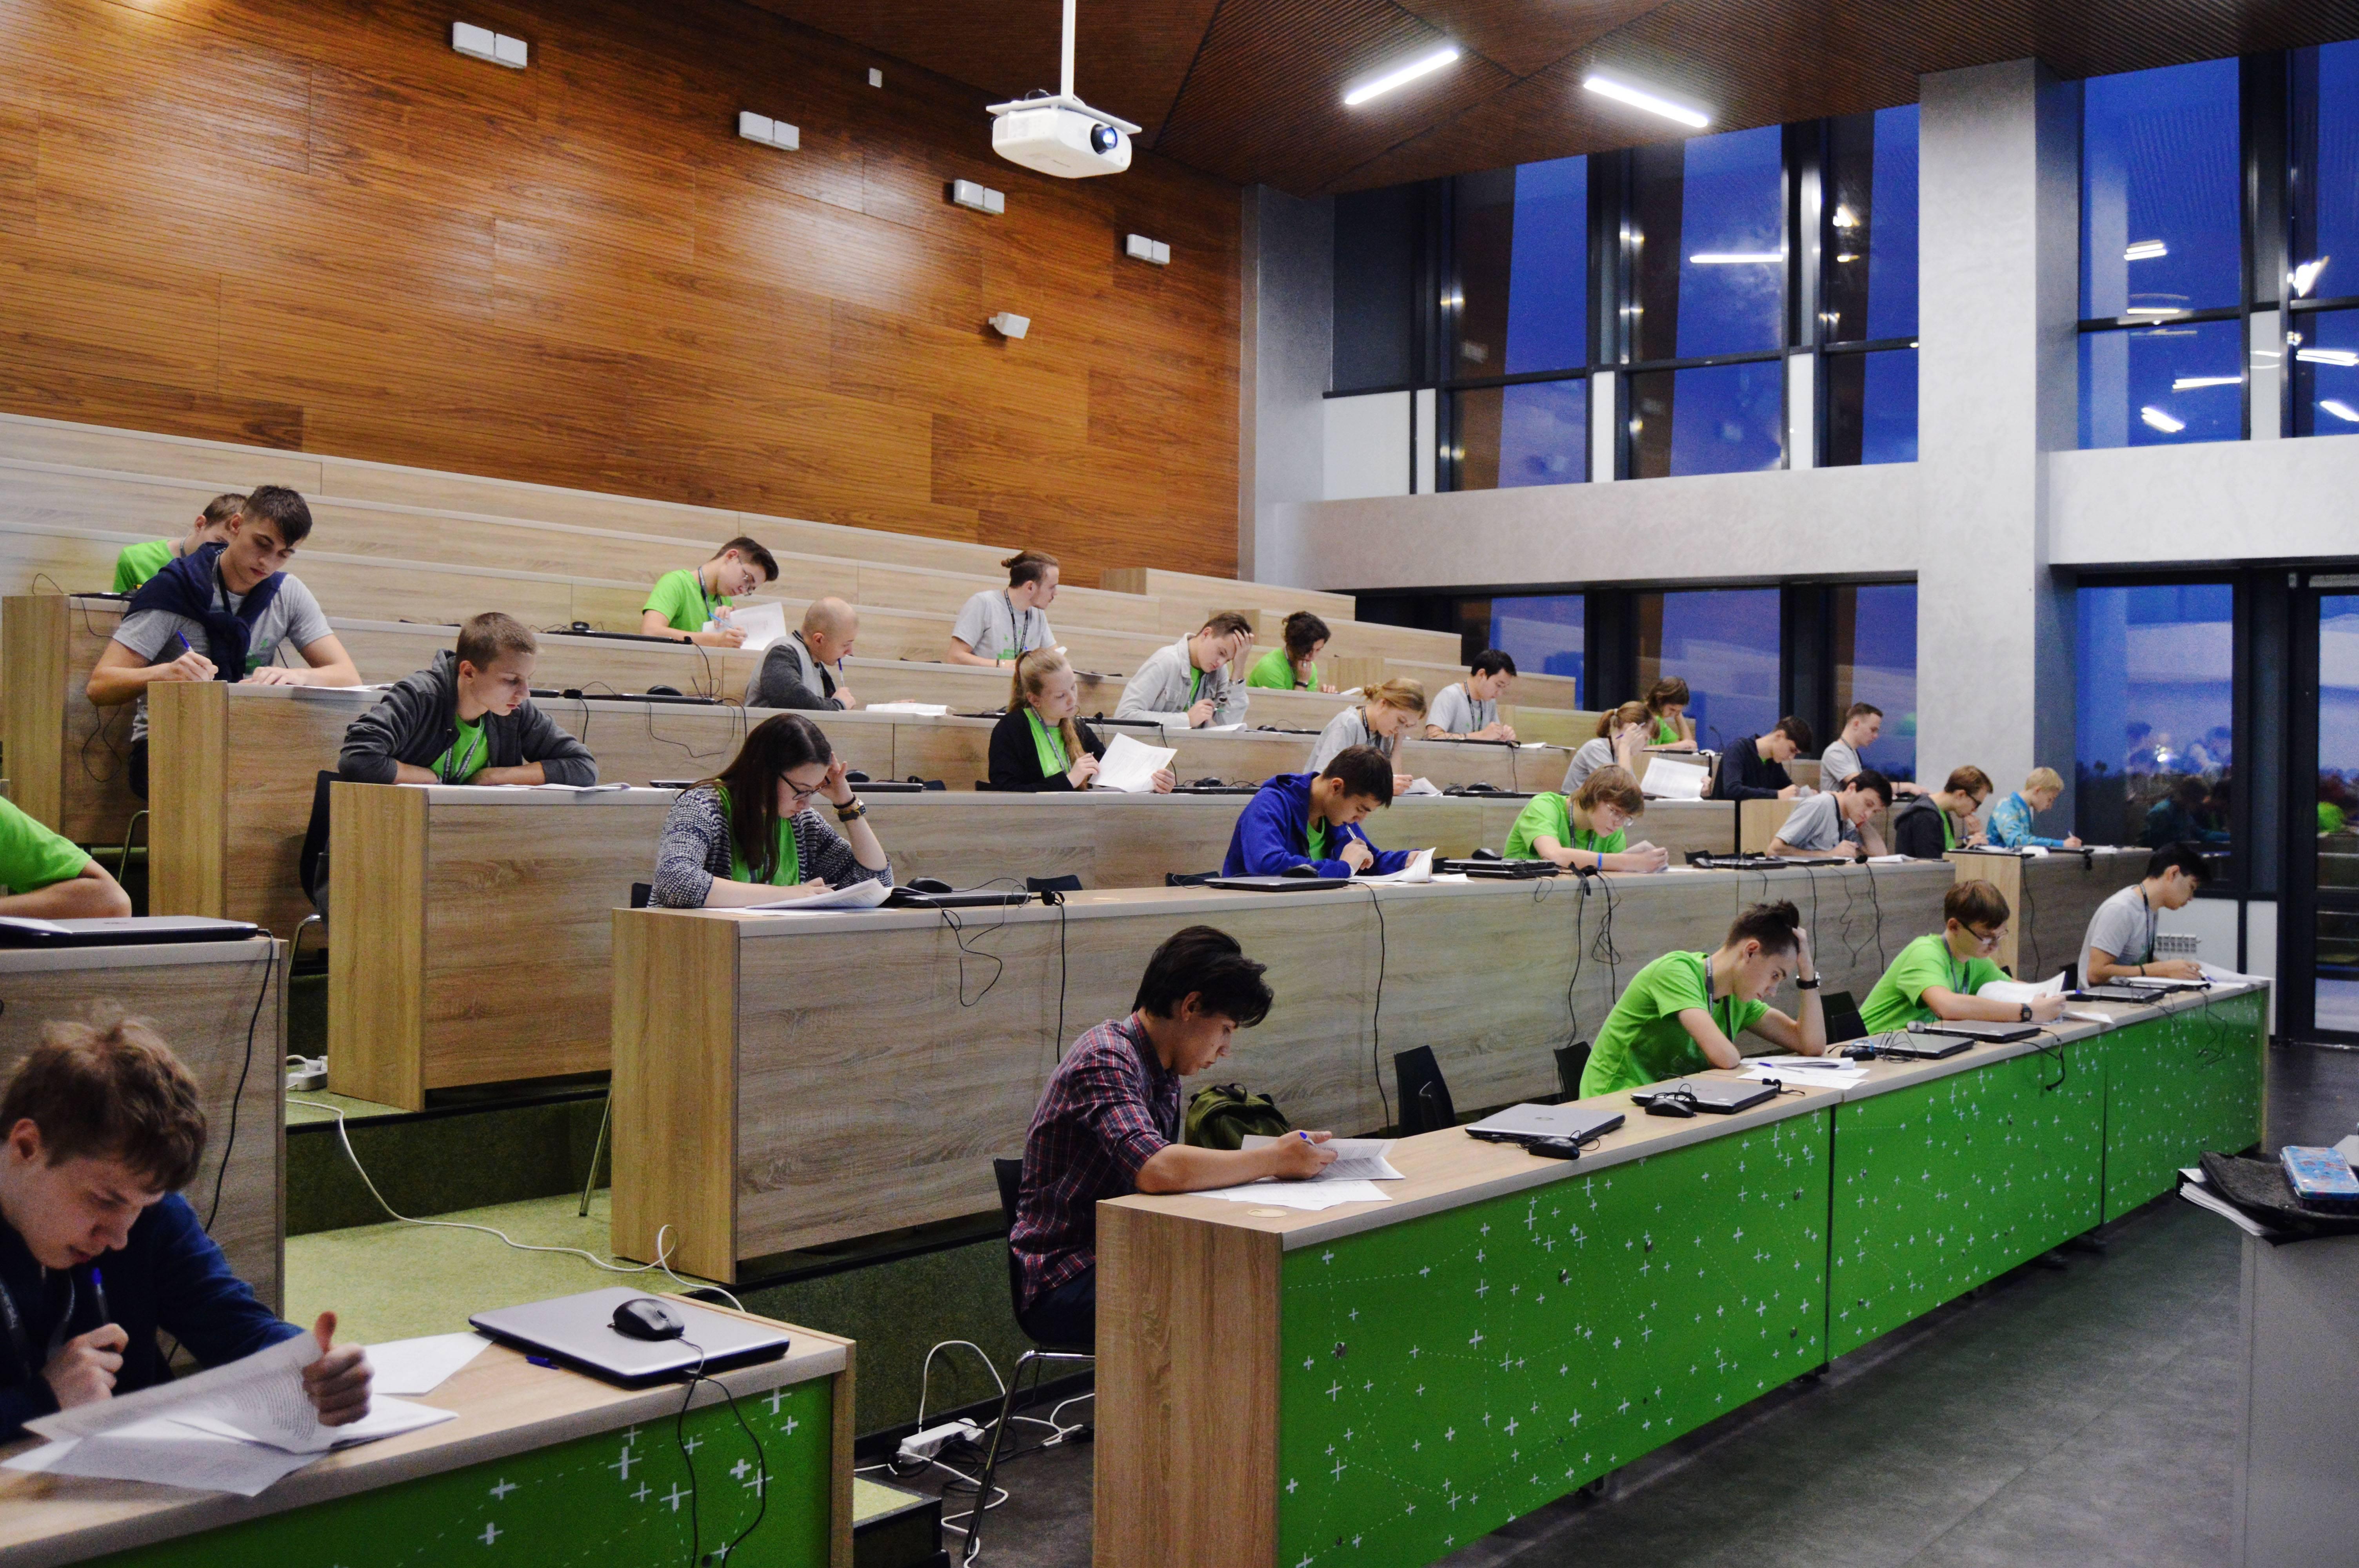 Учебные заведения лодзи. университеты лодзи (8 вузов) ᐈ все об обучении в г. лодзь, польша   проект «образование без границ»